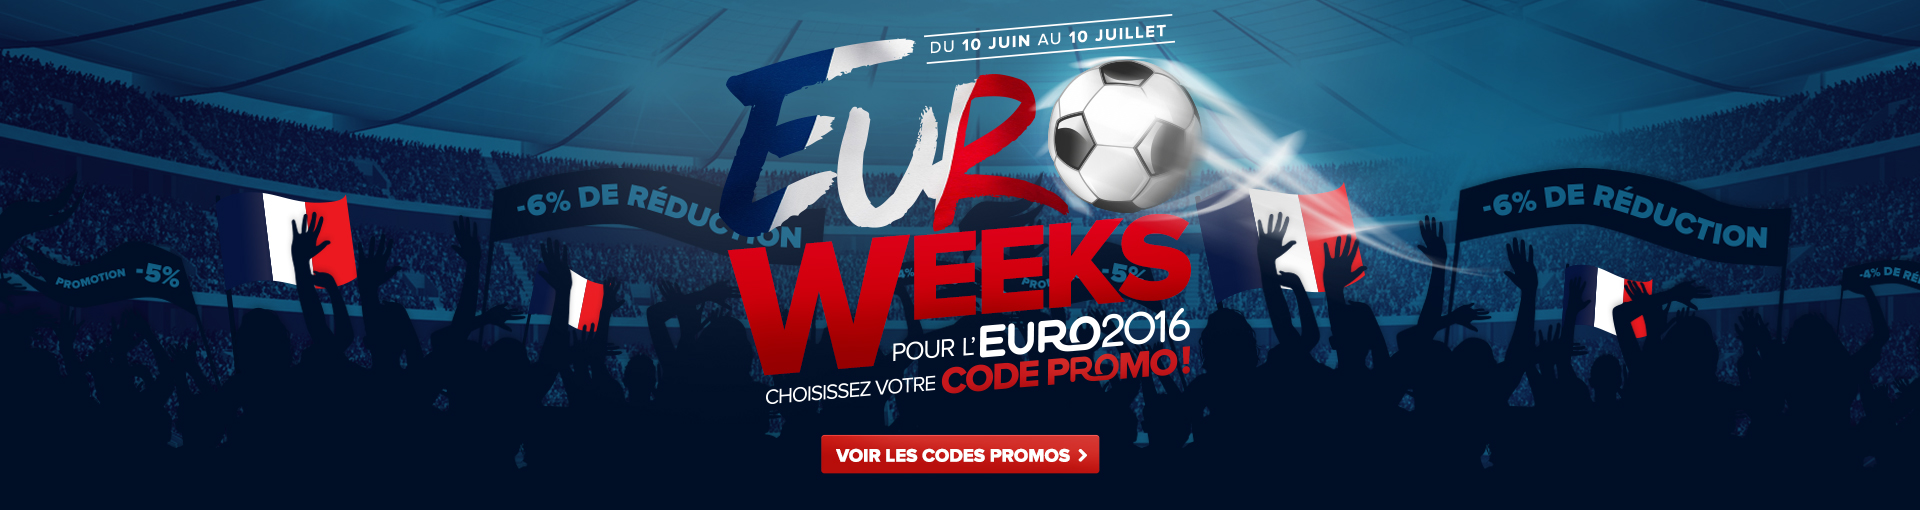 2016-06-Euro-codesPromo-prolong